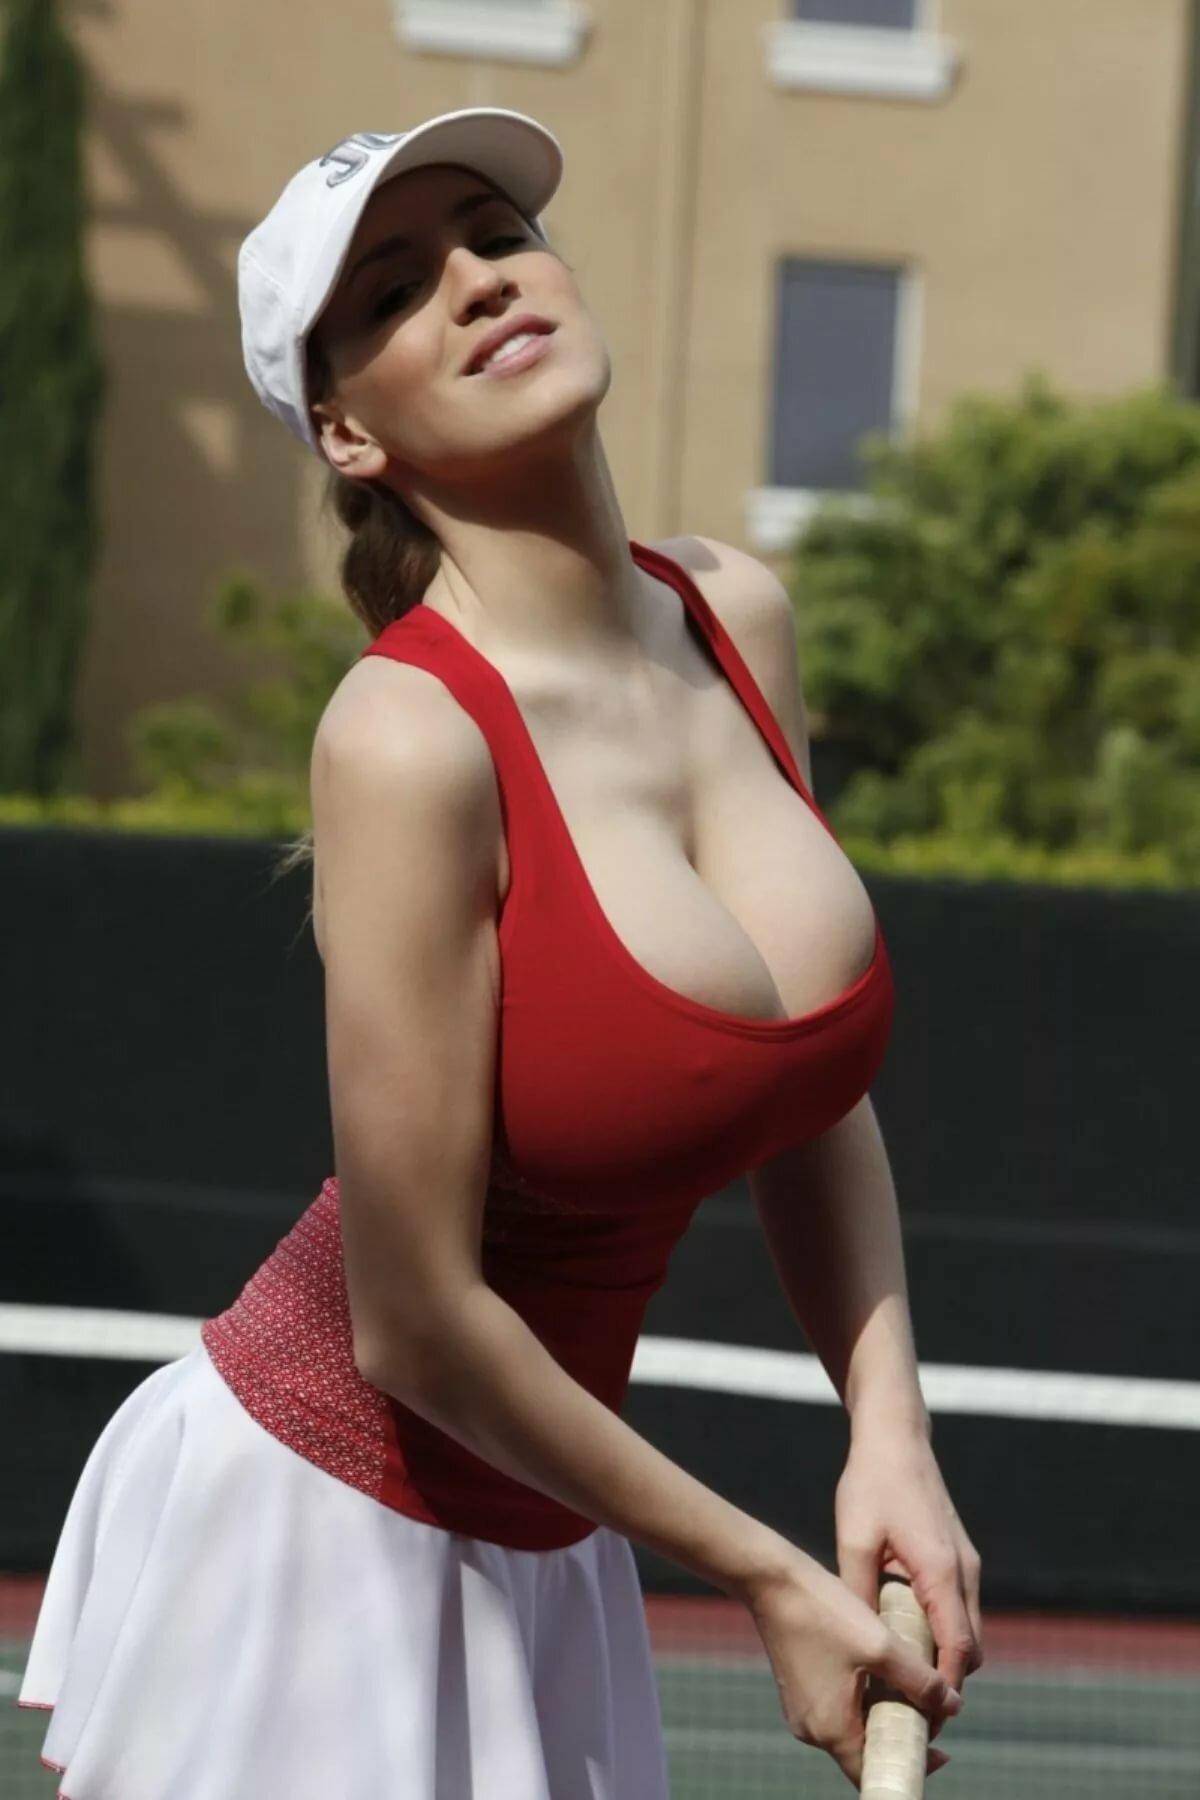 devushka-s-bolshoy-grudyu-delaet-zaryadku-brazilskaya-gospozha-porno